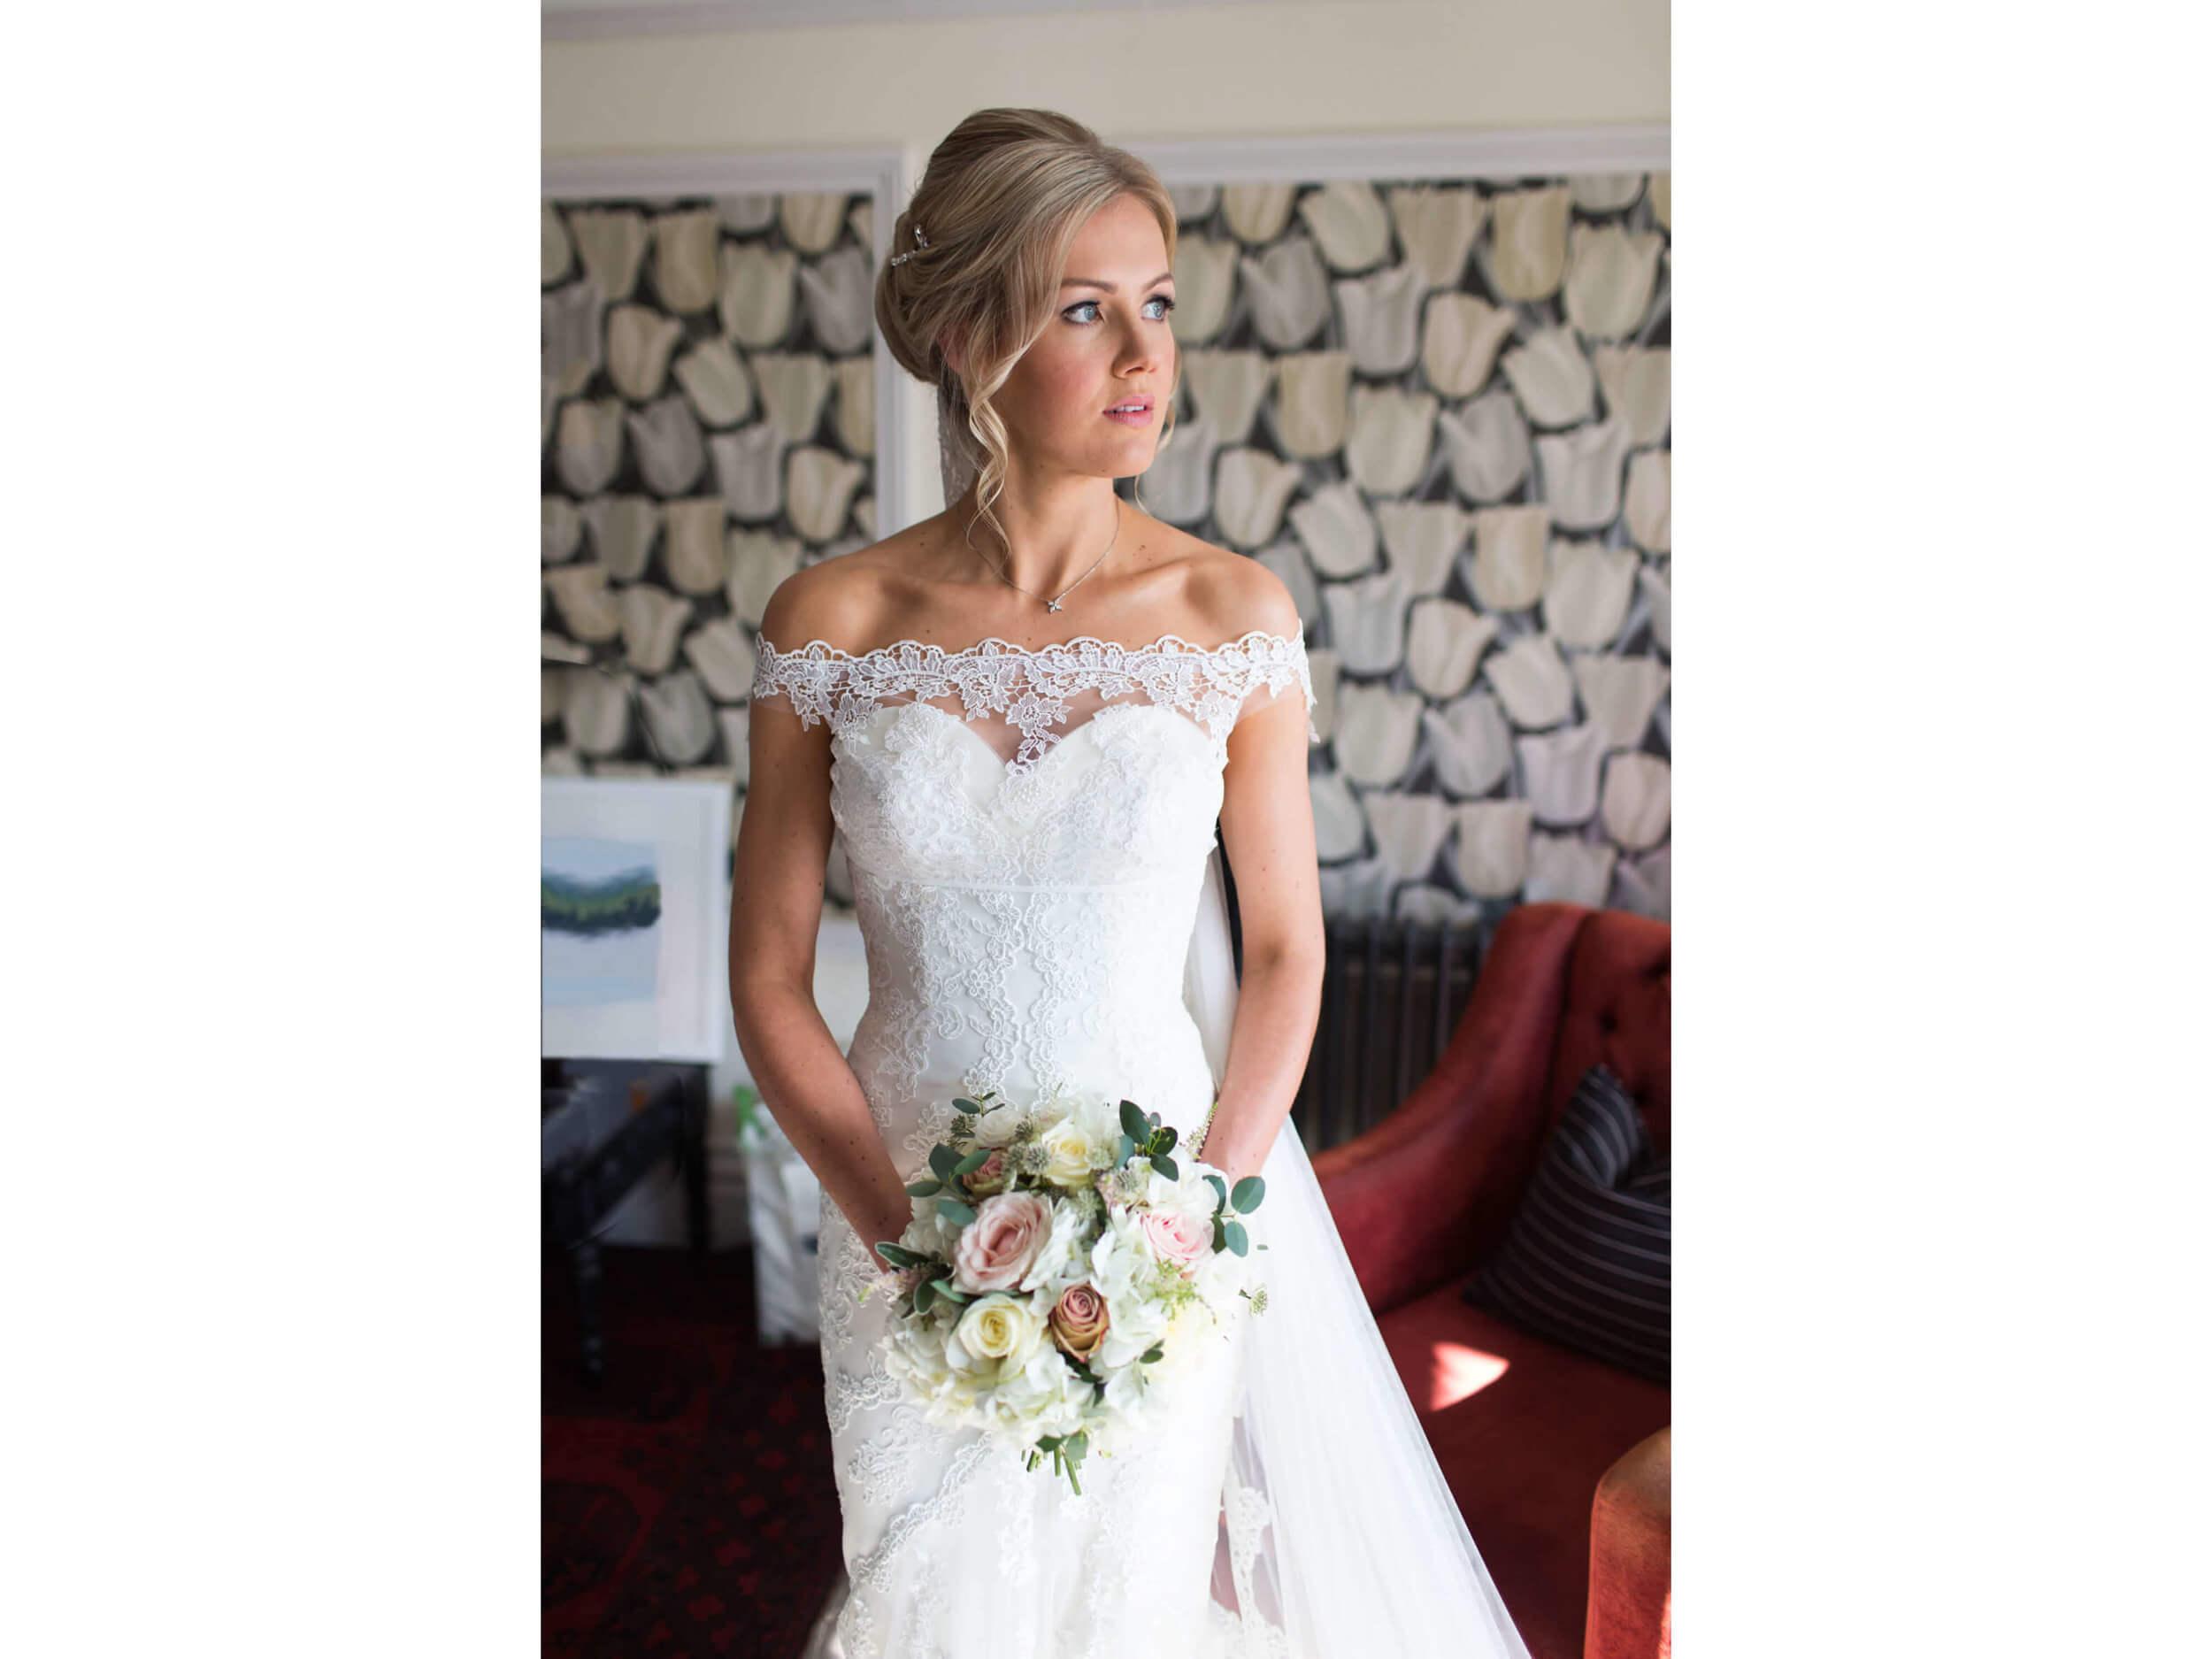 Chateau_Rhianfa_Wedding_Photography_016.jpg